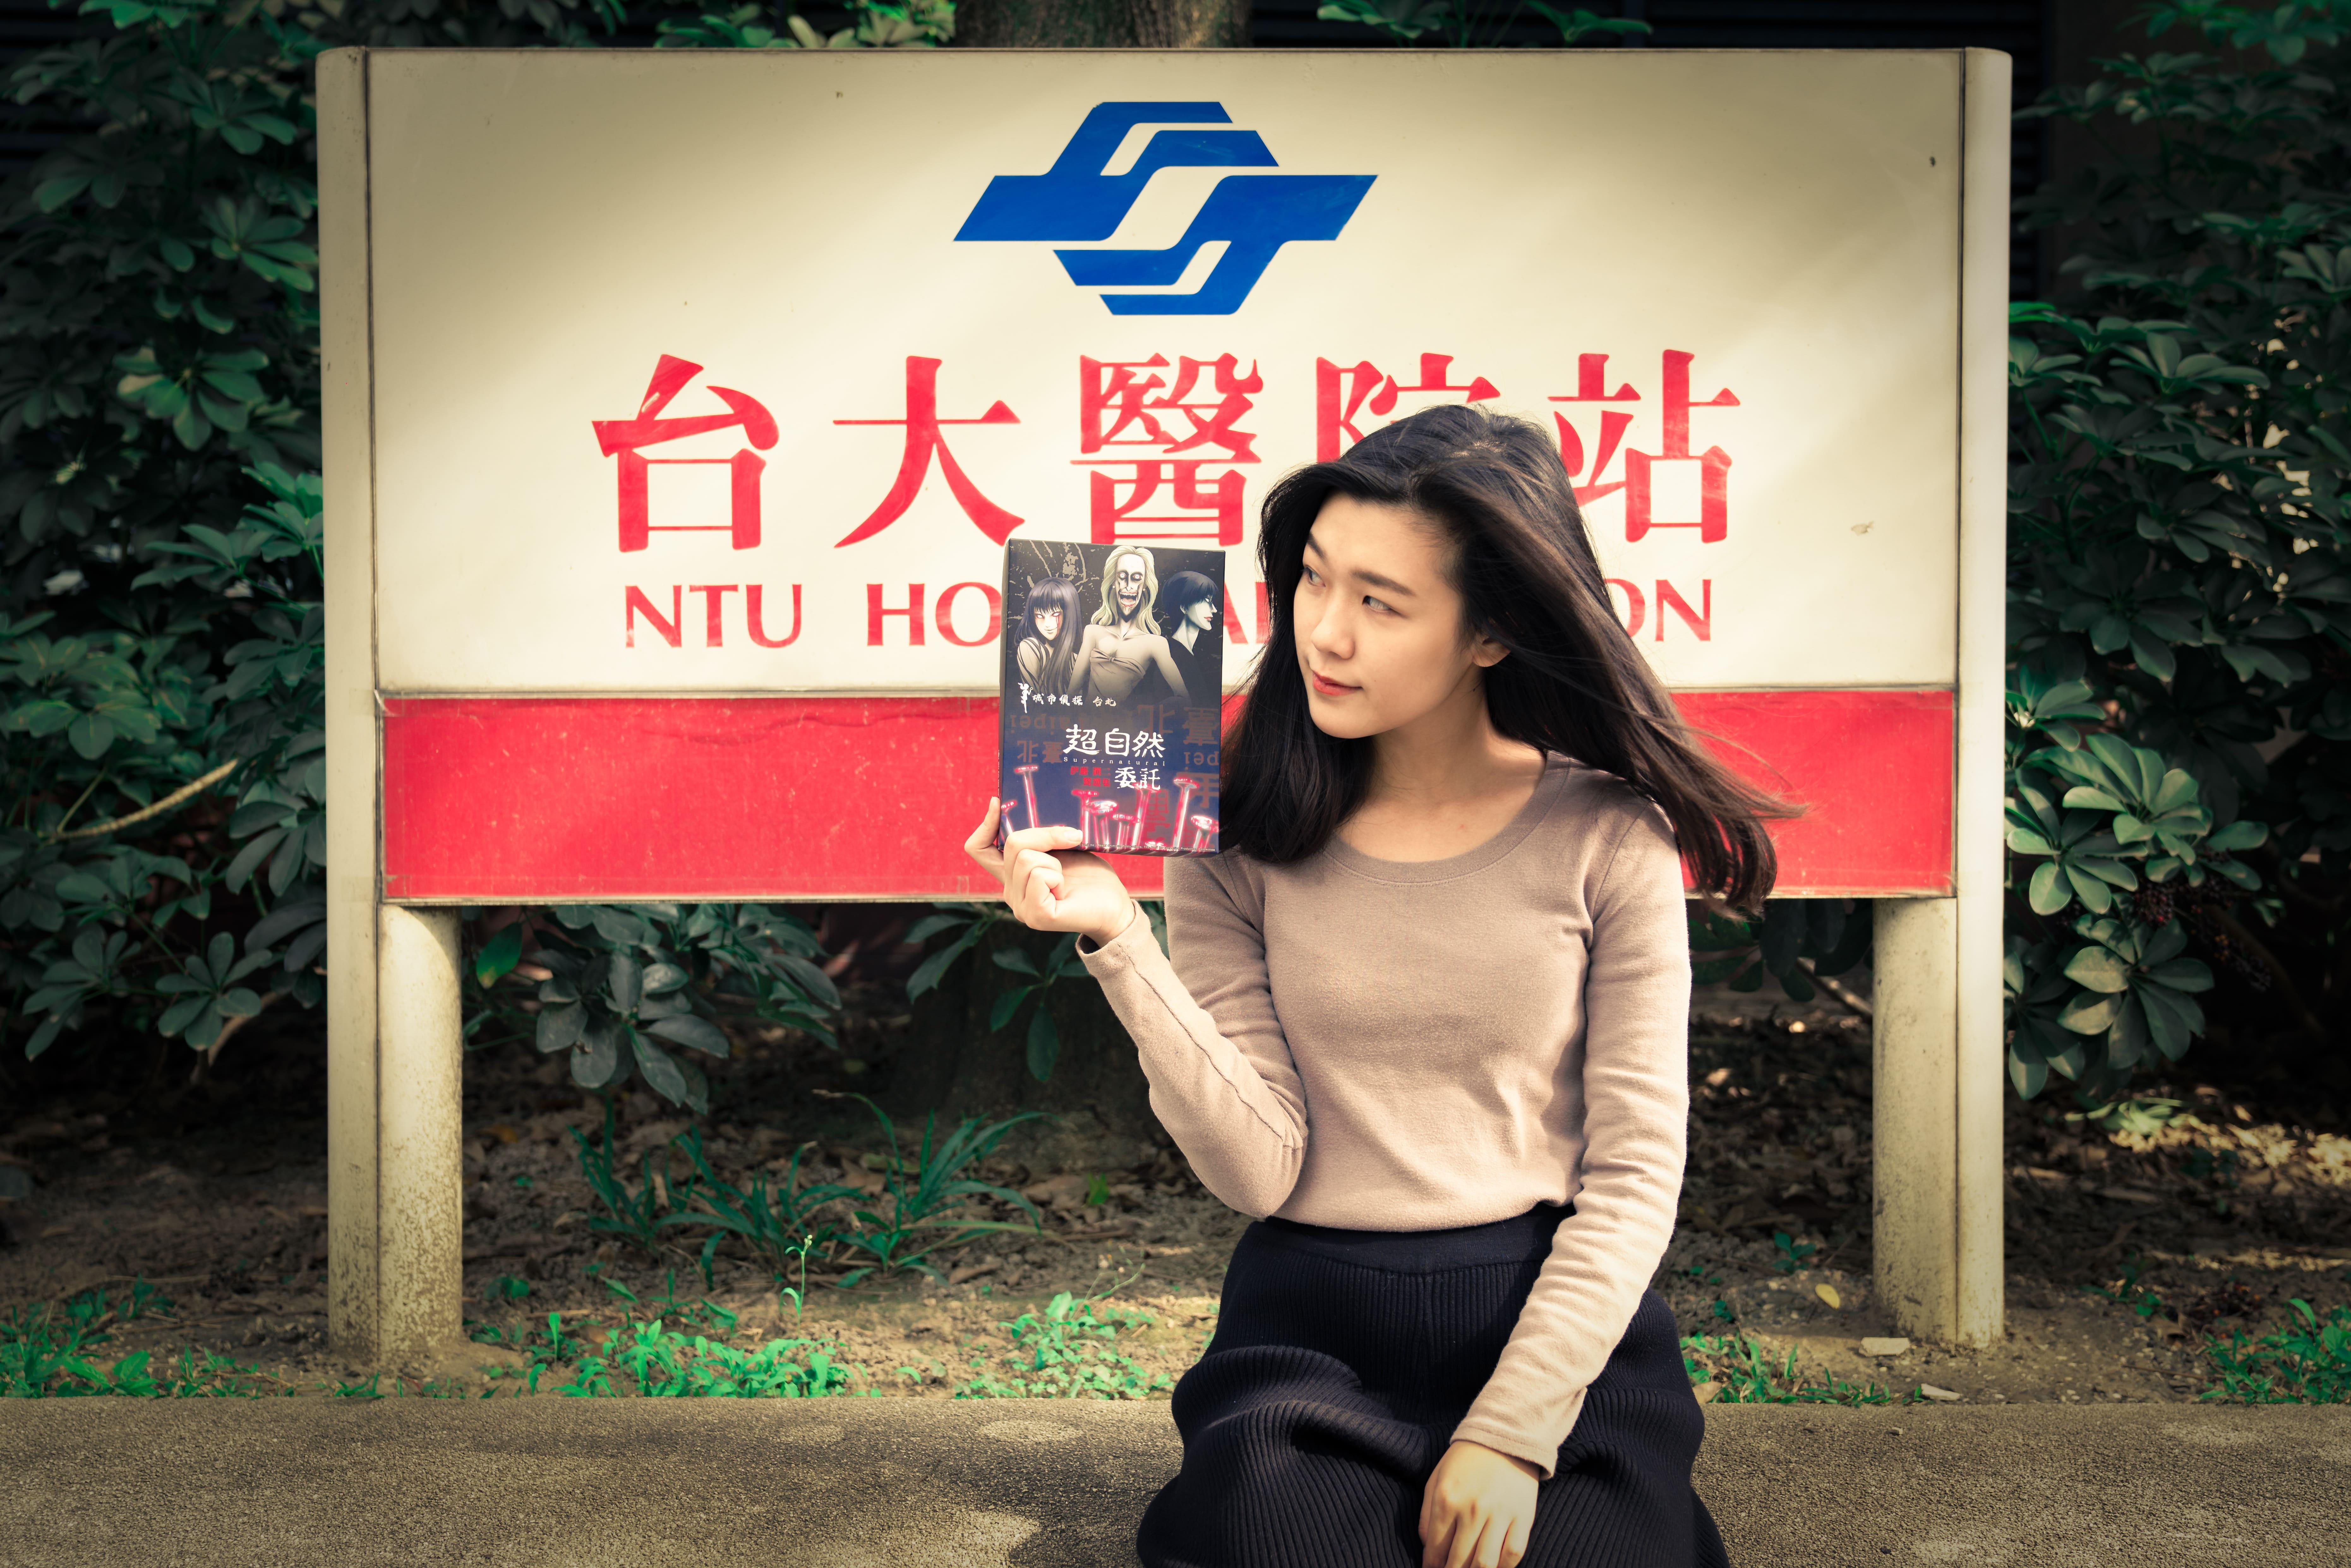 【超自然委託】伊藤潤二恐怖故事實體化,VR 實境遊戲讓台北風雲變色!